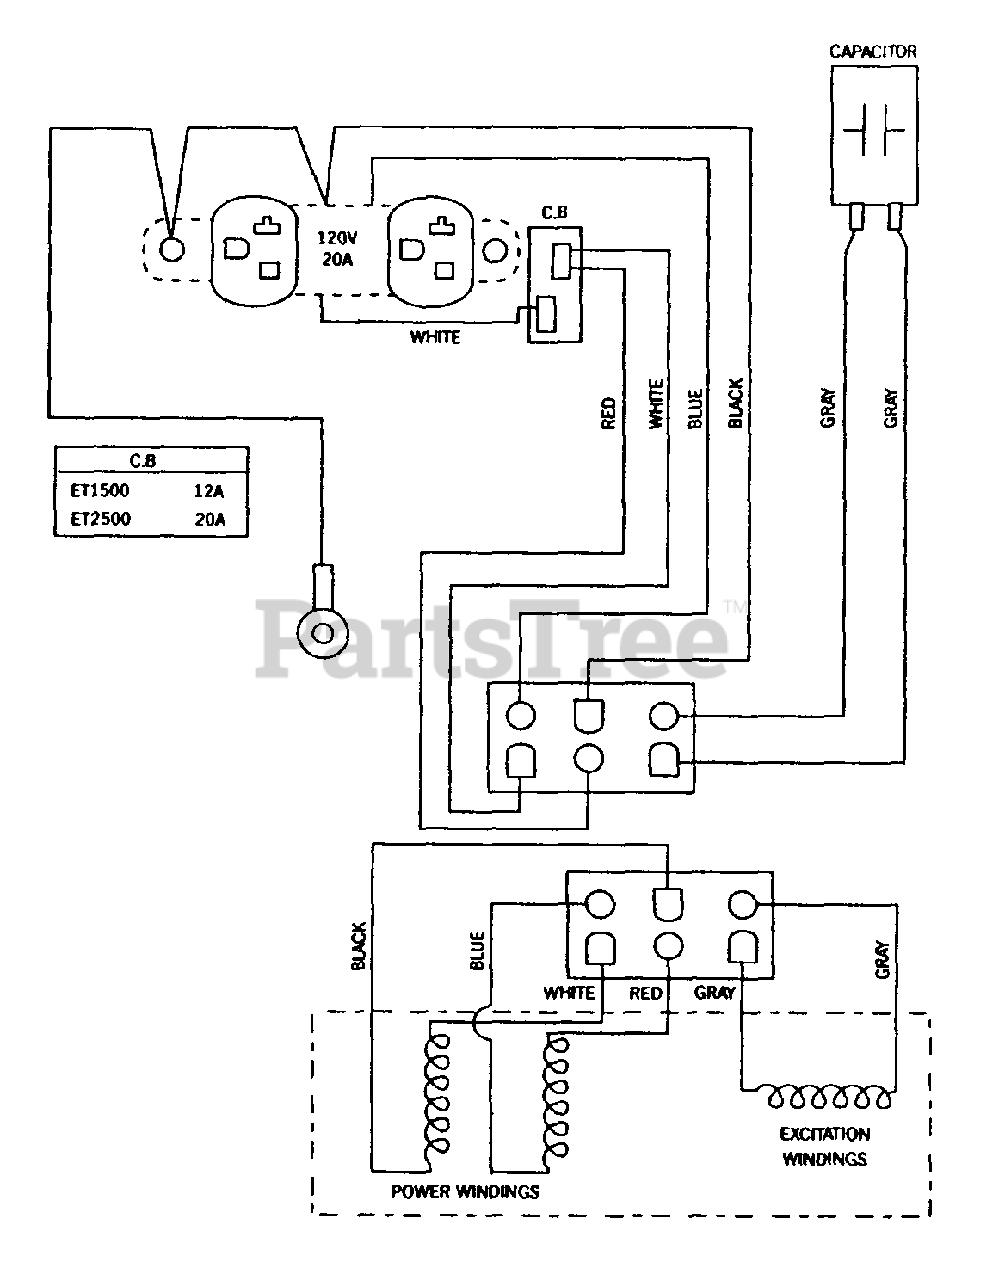 Generator Wiring Diagram : generator, wiring, diagram, Generac, ET2500, (1263-0), 2,500, Portable, Generator, Wiring, Diagram, Parts, Lookup, Diagrams, PartsTree